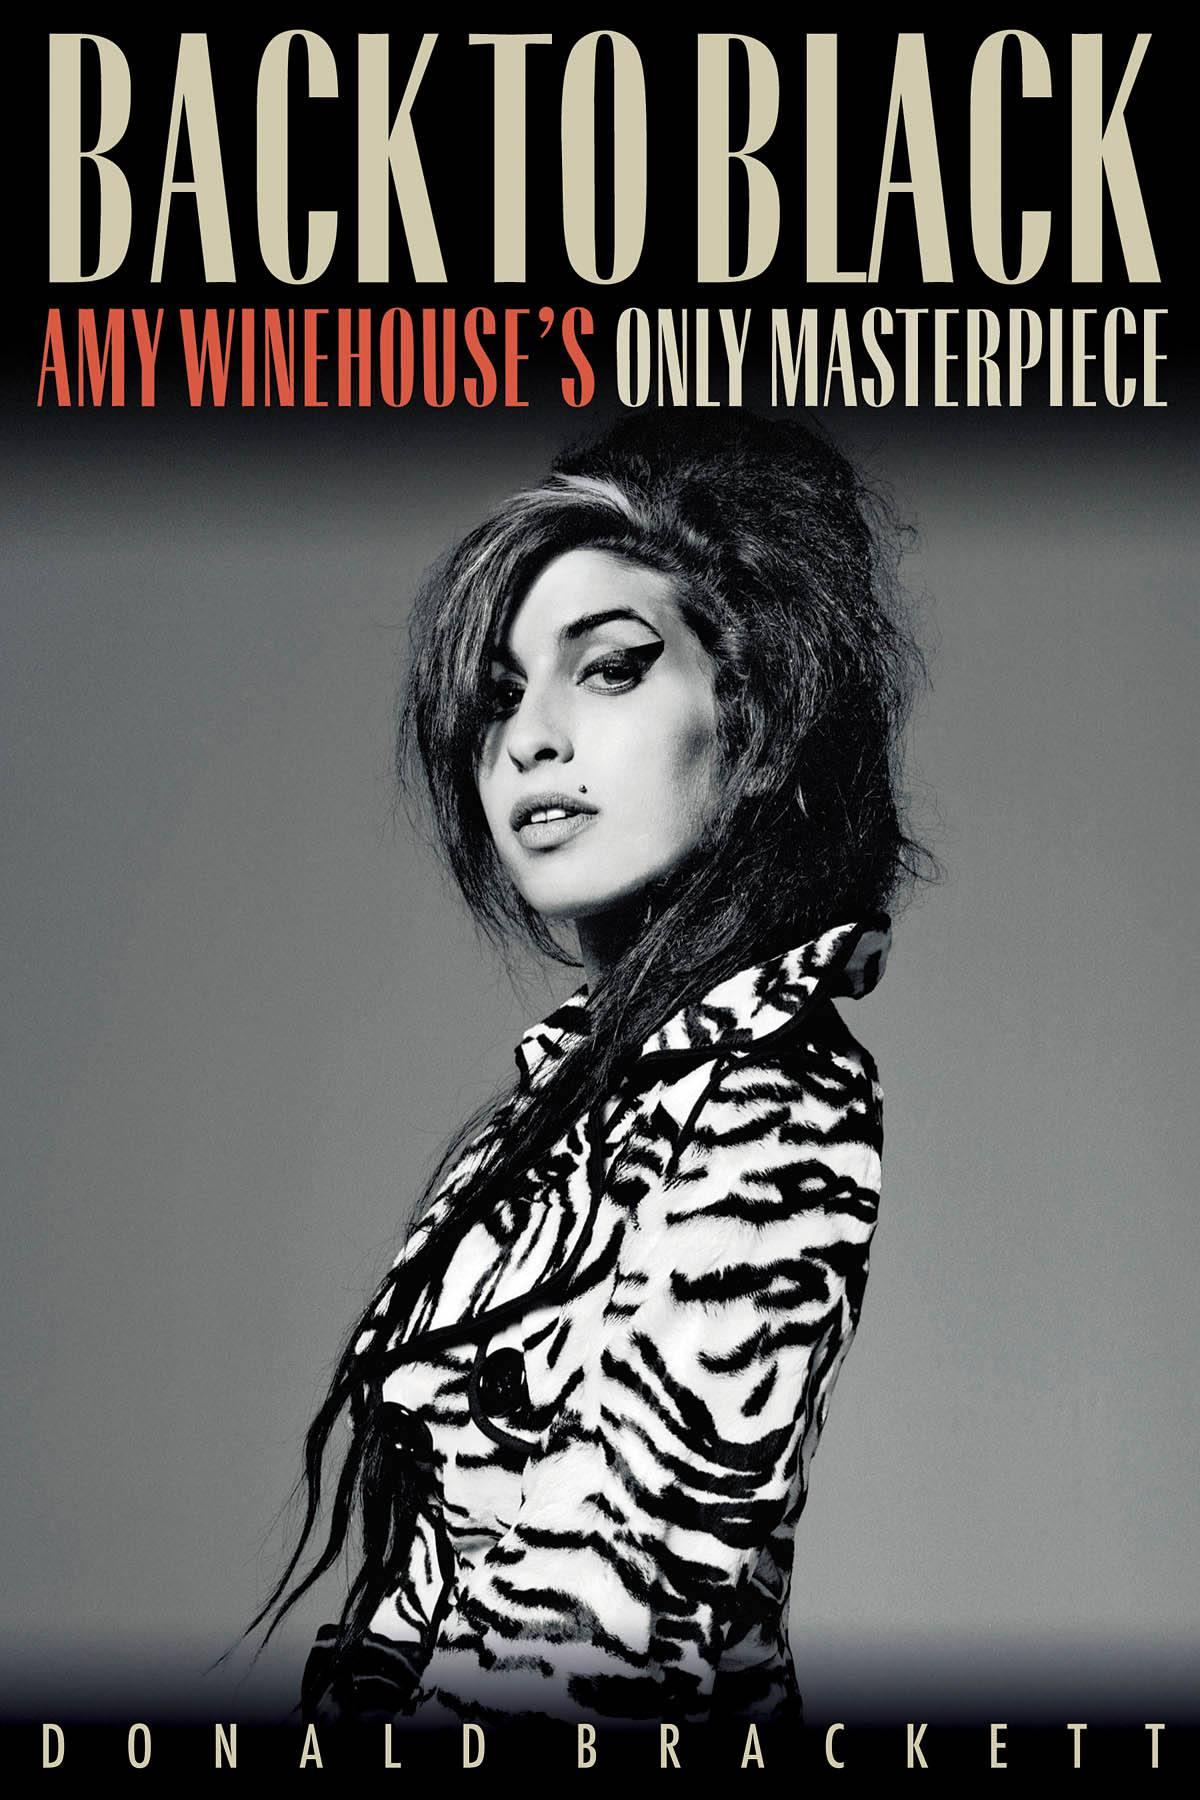 Back to Black Amy Winehose's only Masterpiece copy